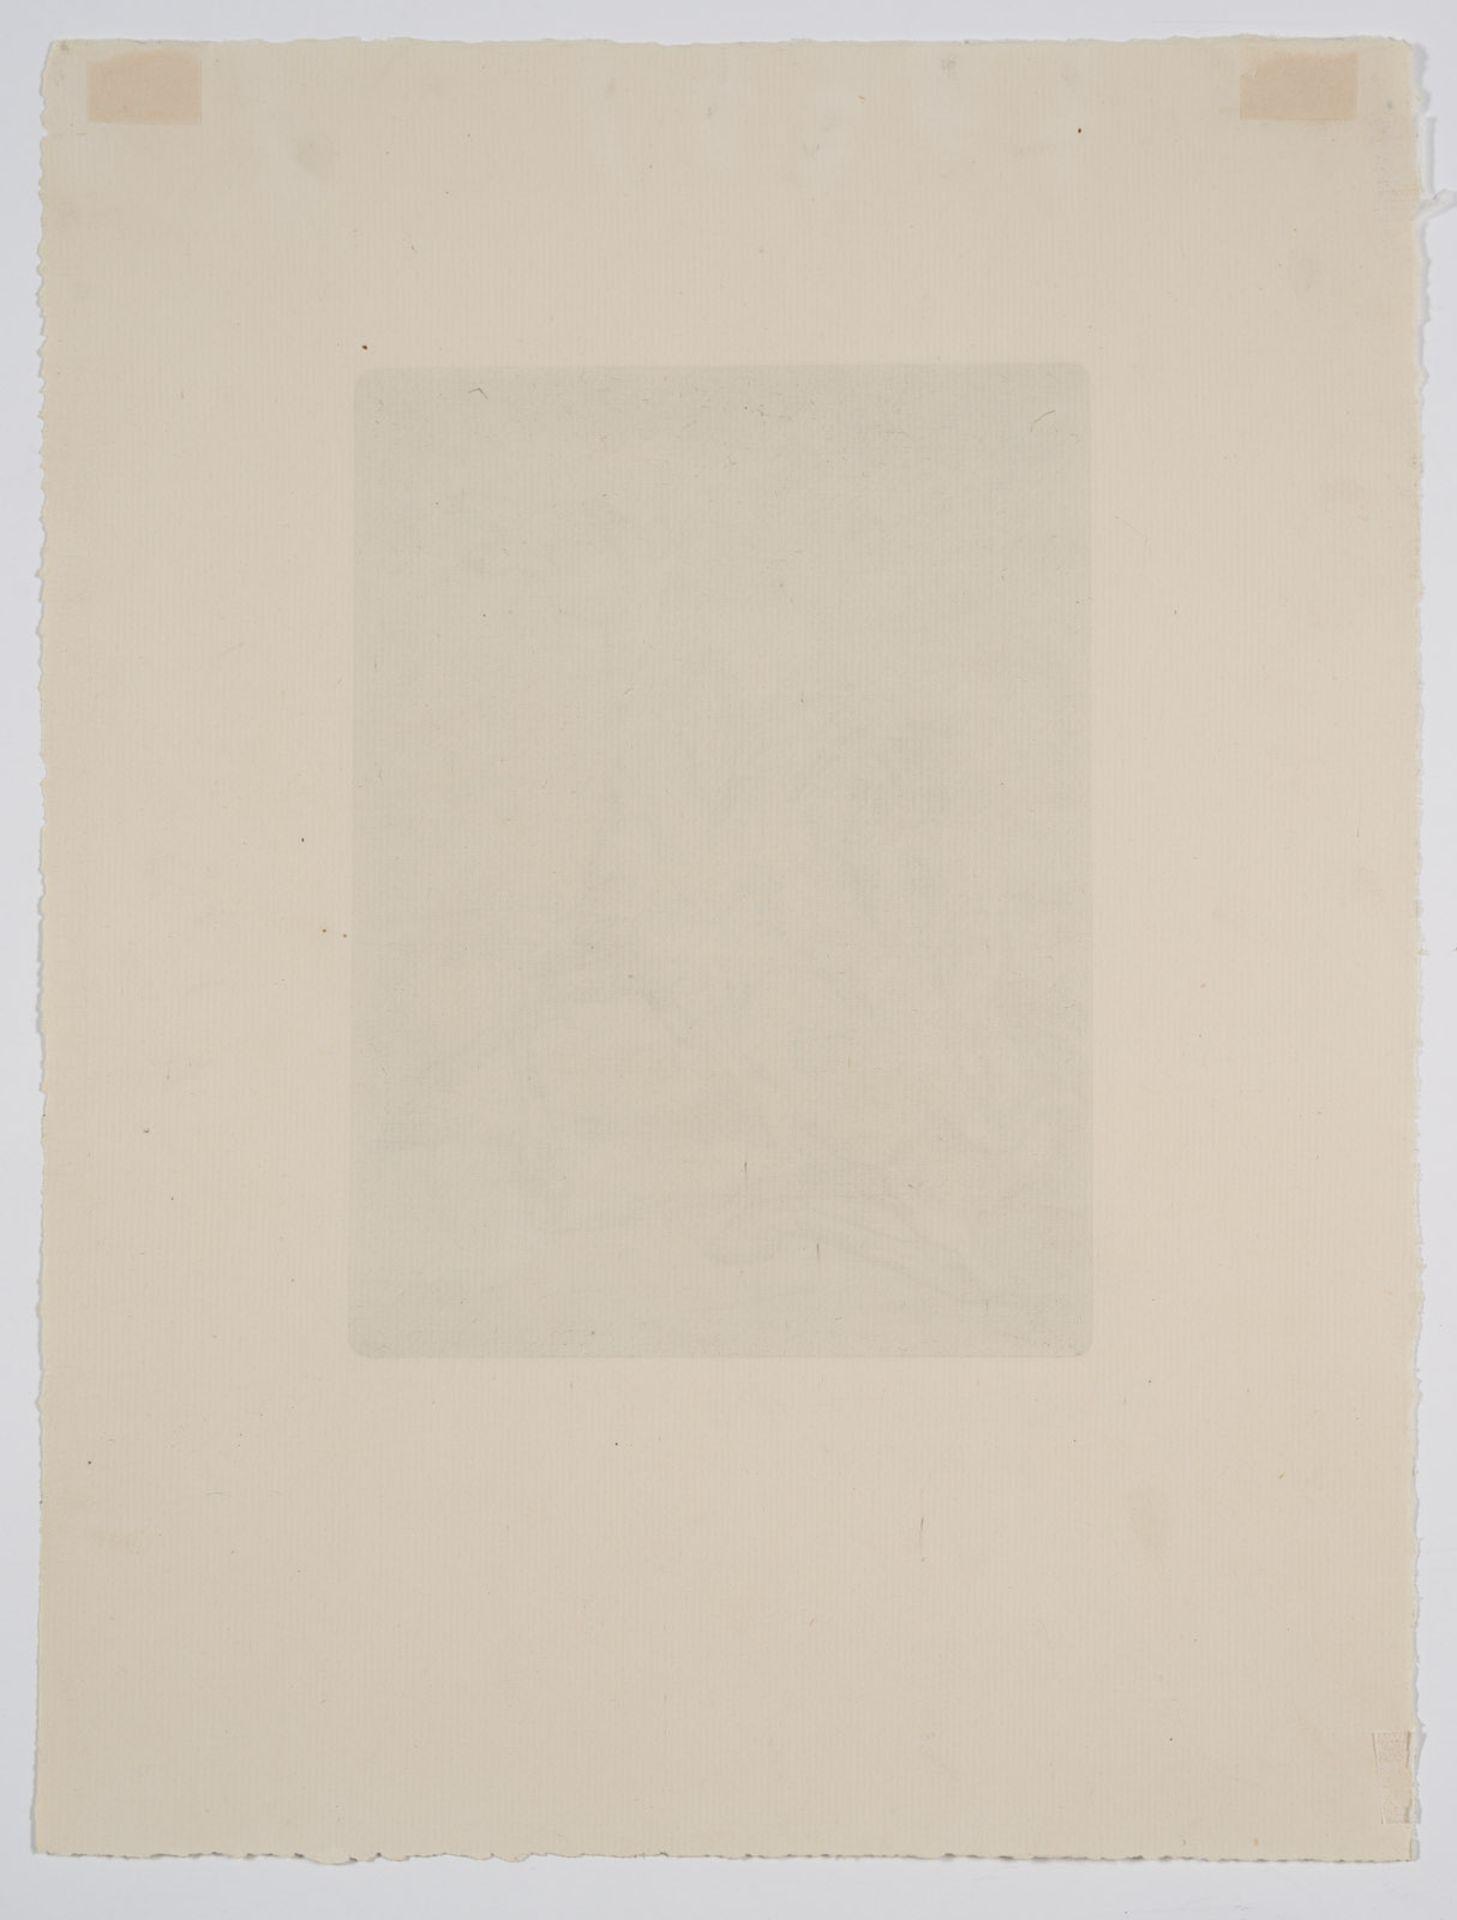 Kleinschmidt, Paul - Image 6 of 6